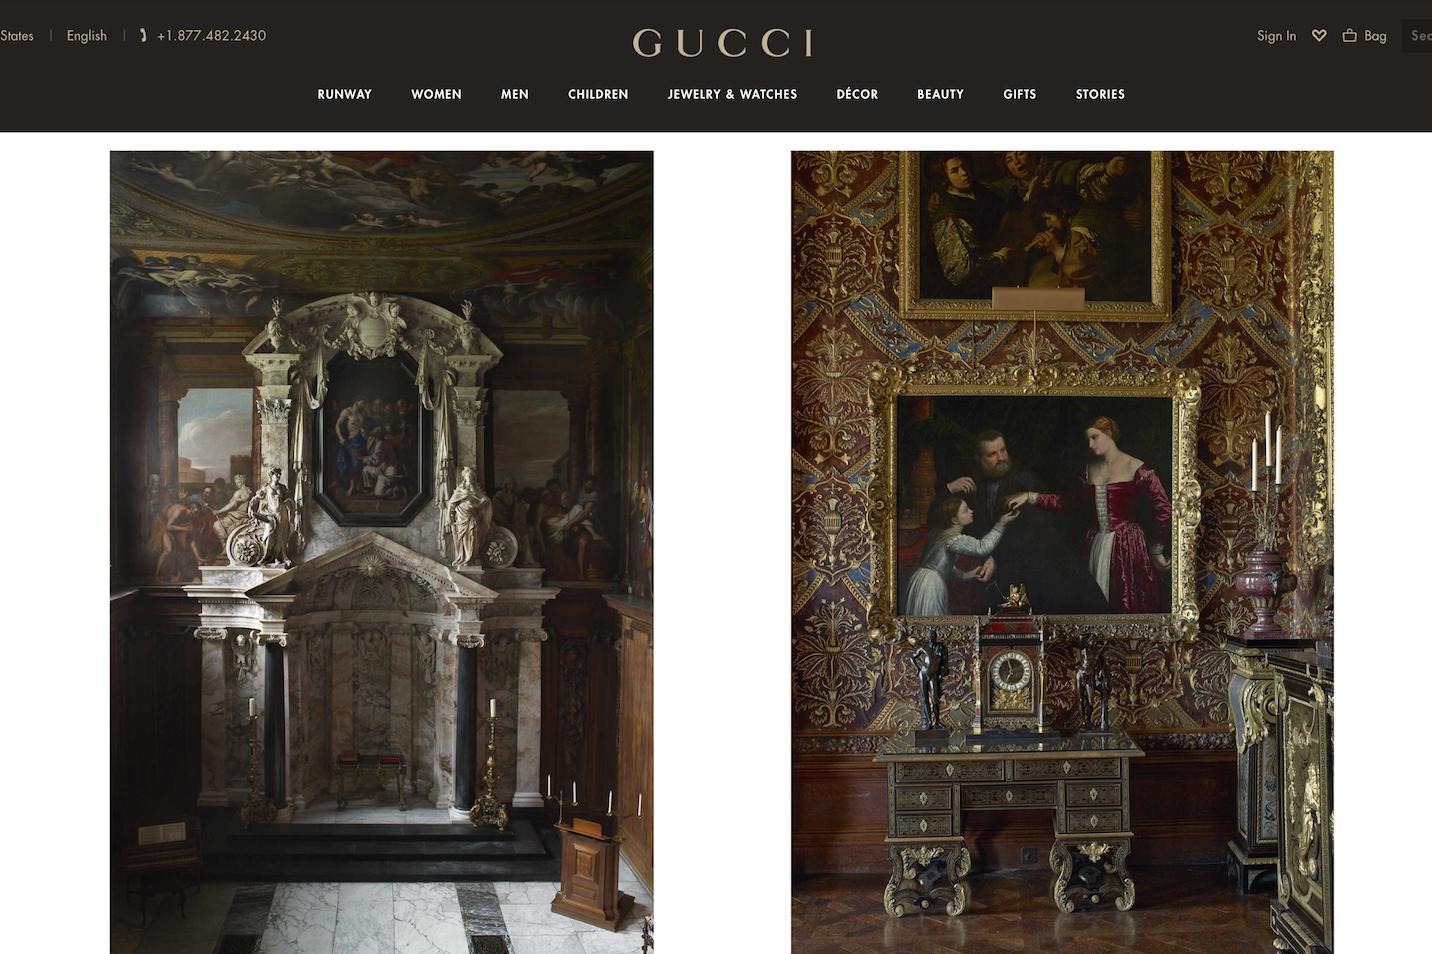 这些奇妙的地方给了 Gucci 设计灵感!GucciPlaces 手机应用新增6个城市景点